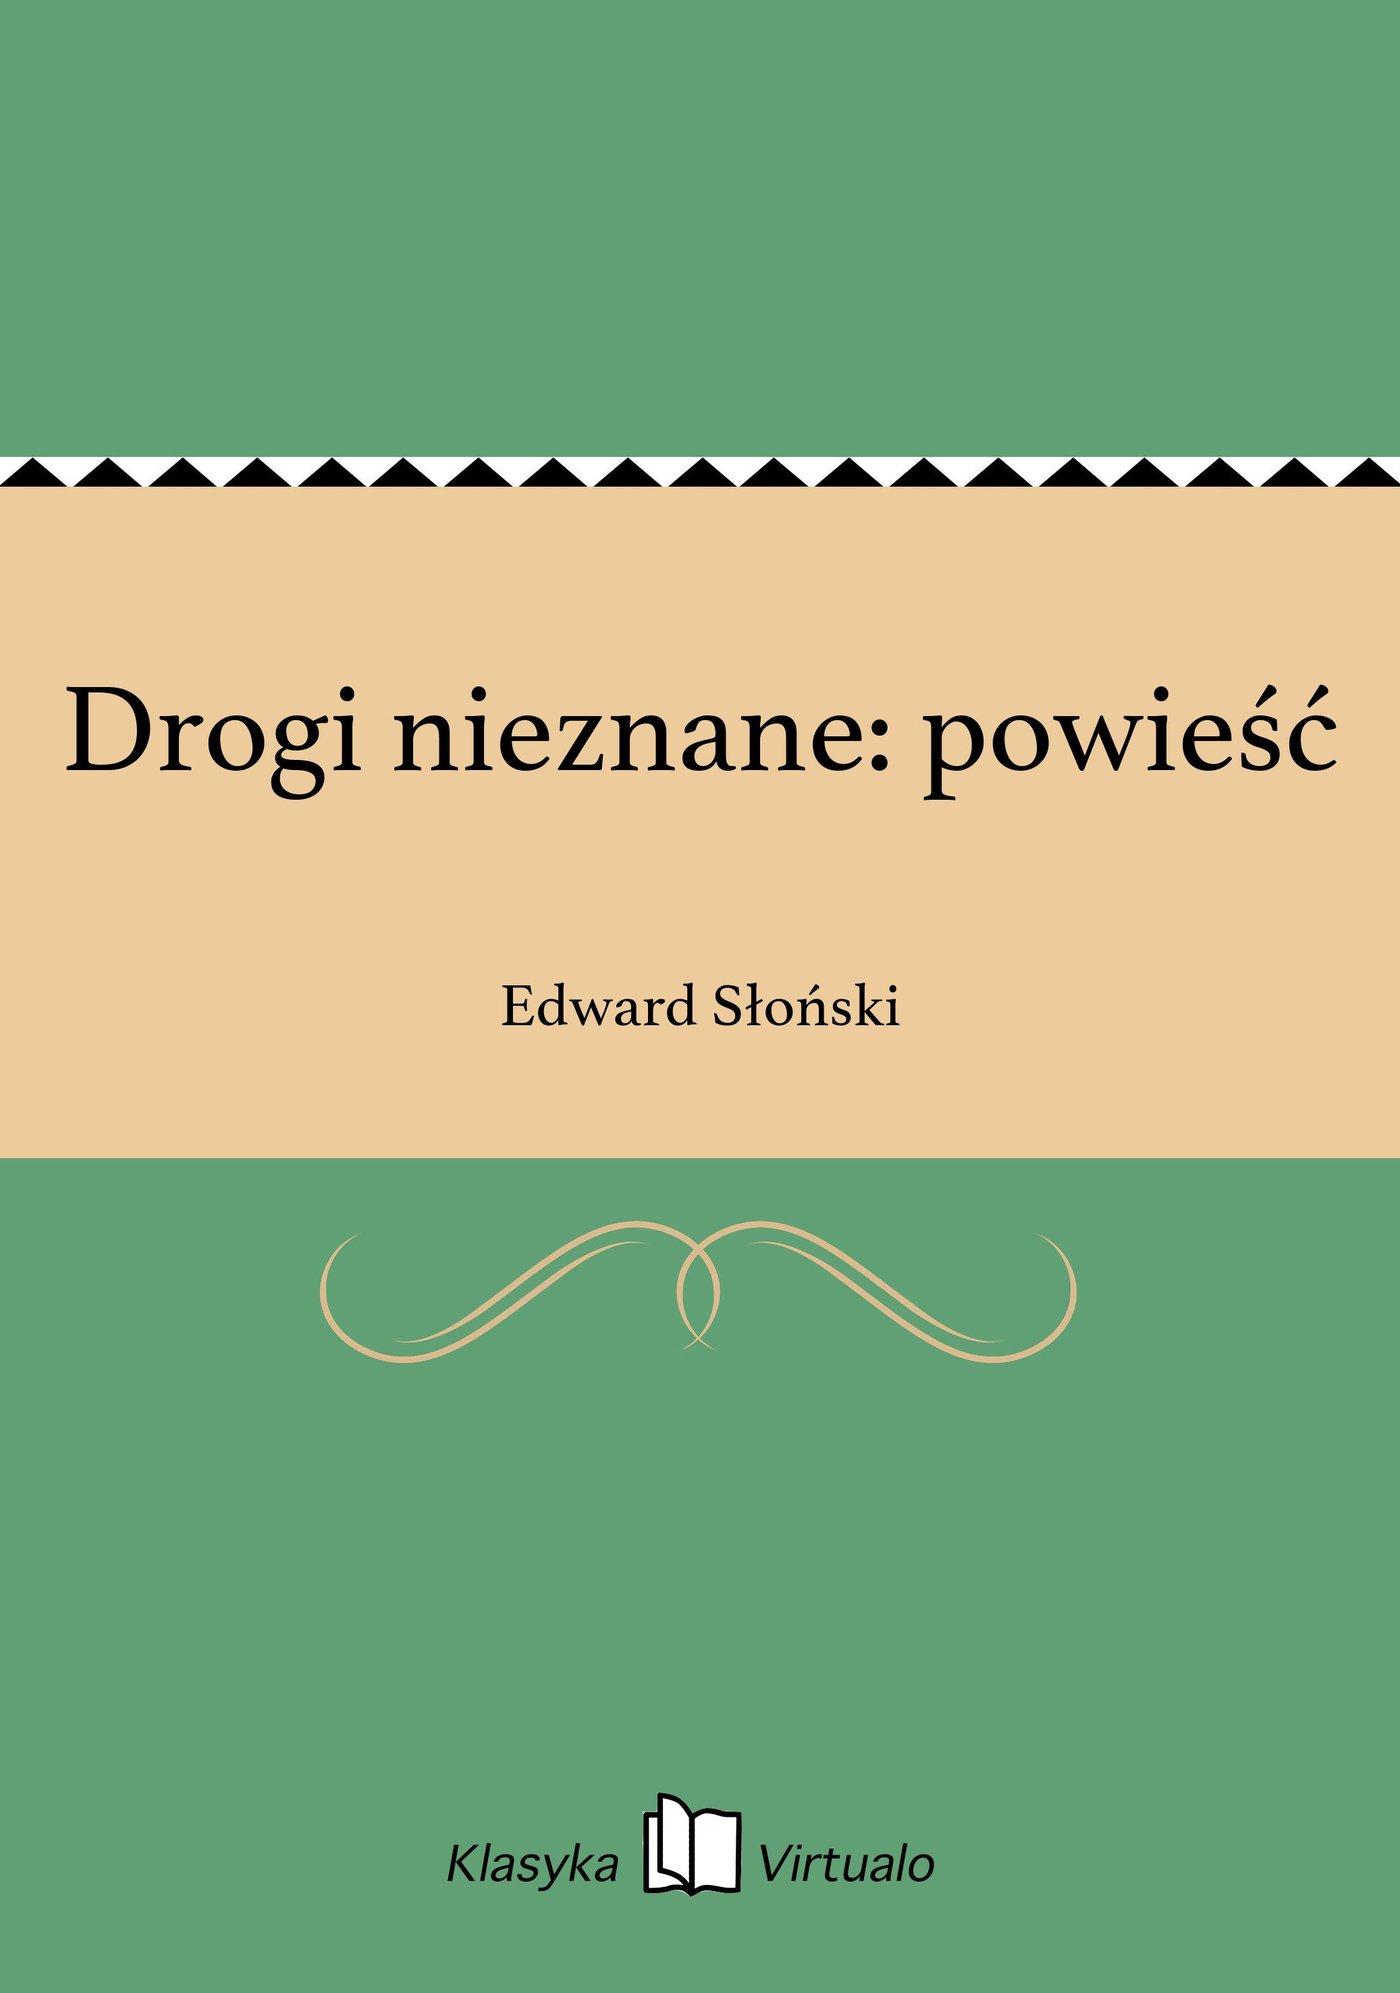 Drogi nieznane: powieść - Ebook (Książka EPUB) do pobrania w formacie EPUB